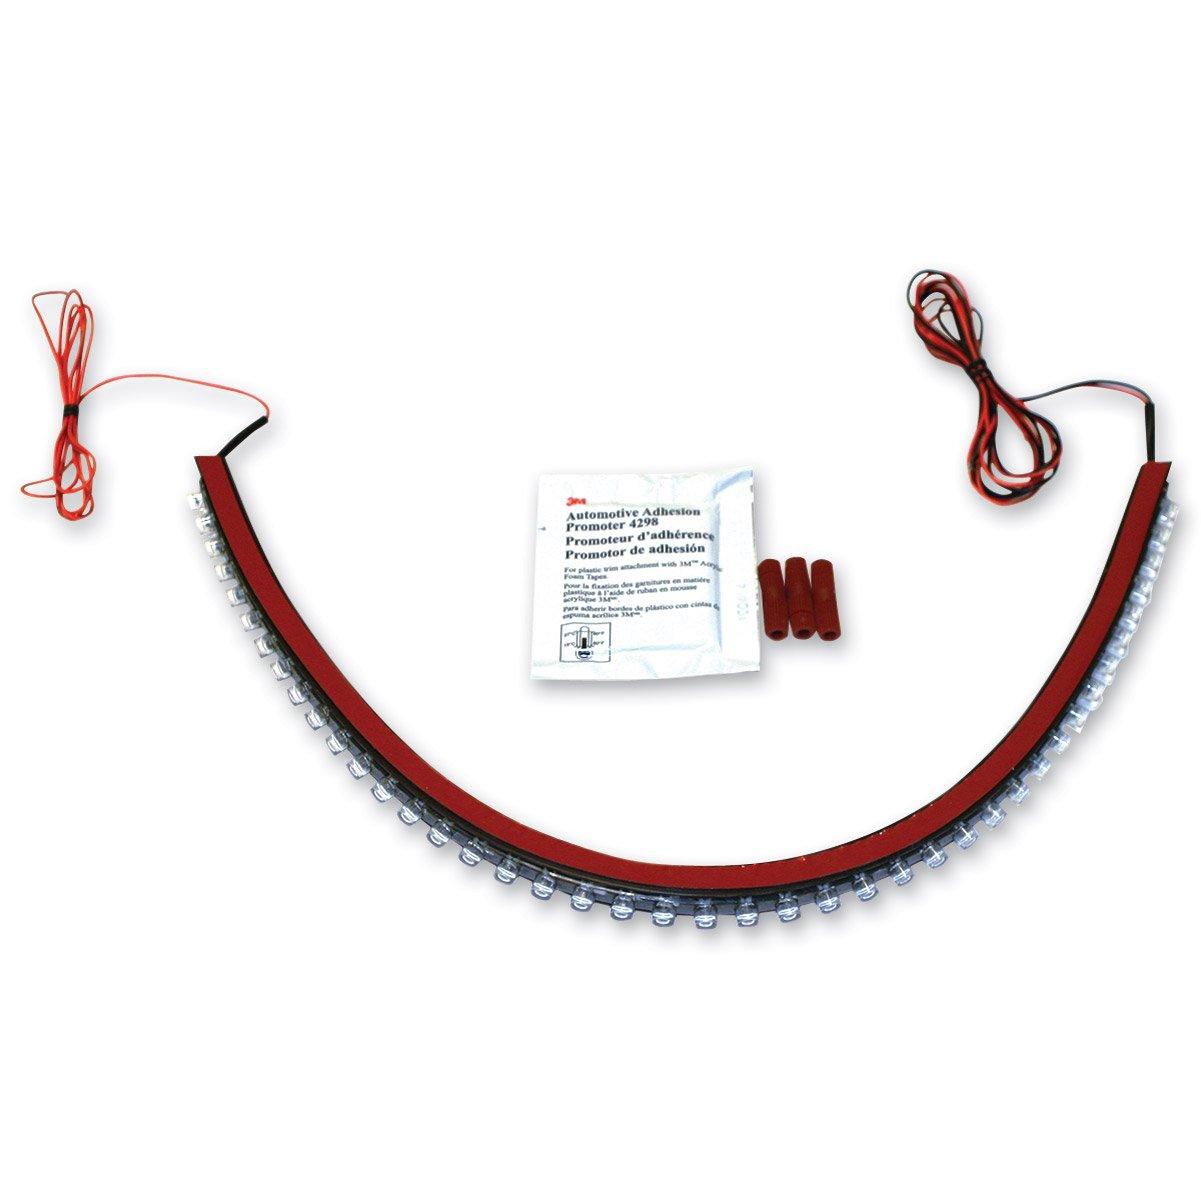 Custom Dynamics M109 Rear Ar Rd Turn Signal Array Red Wire Diagram For Led Run Brake Signals All Suzuki C90 Automotive